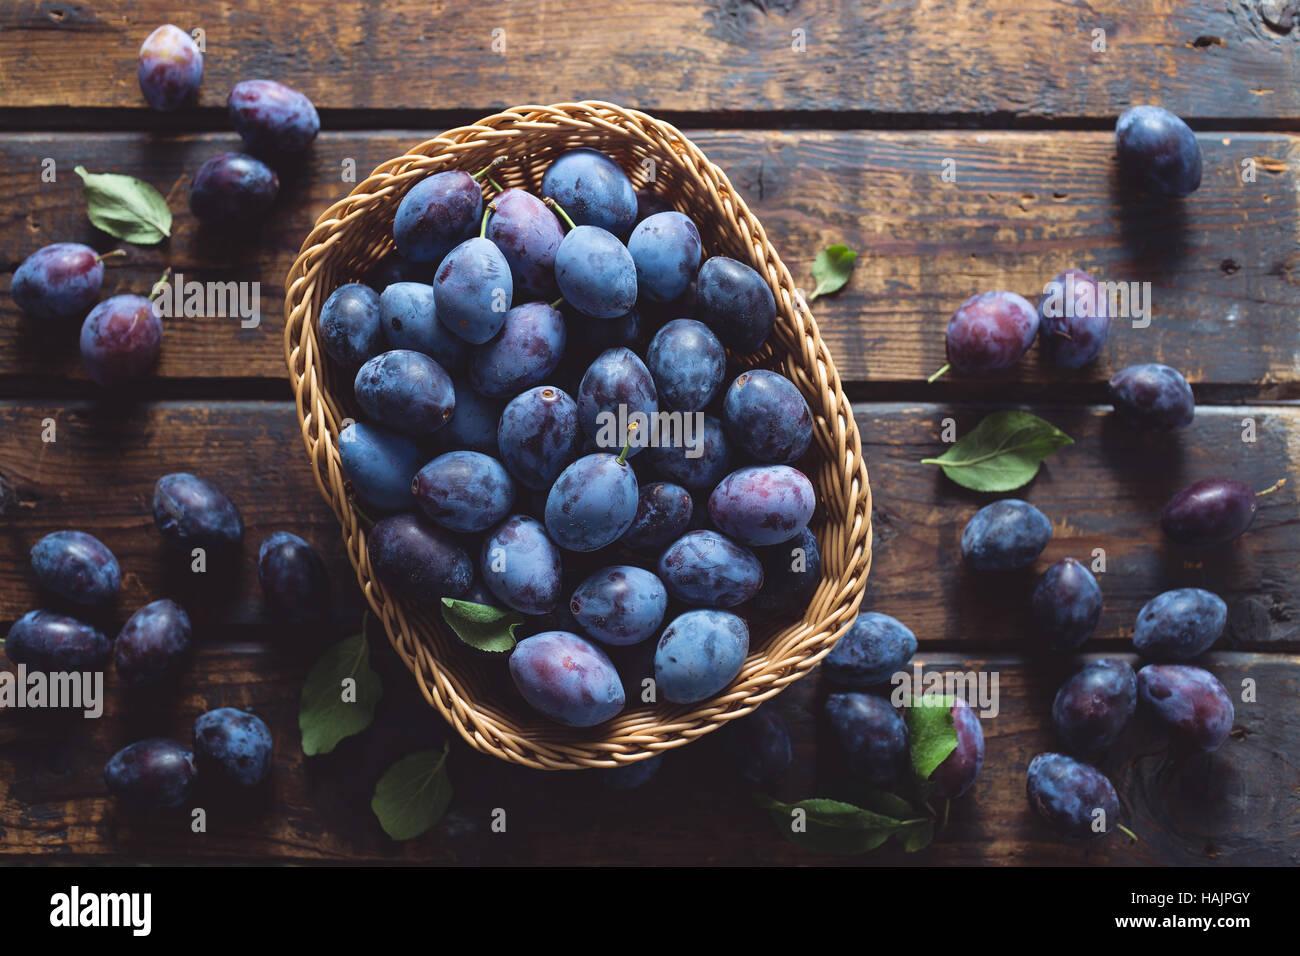 Frisch gepflückt Bio Pflaumen auf einem Holztisch Stockbild